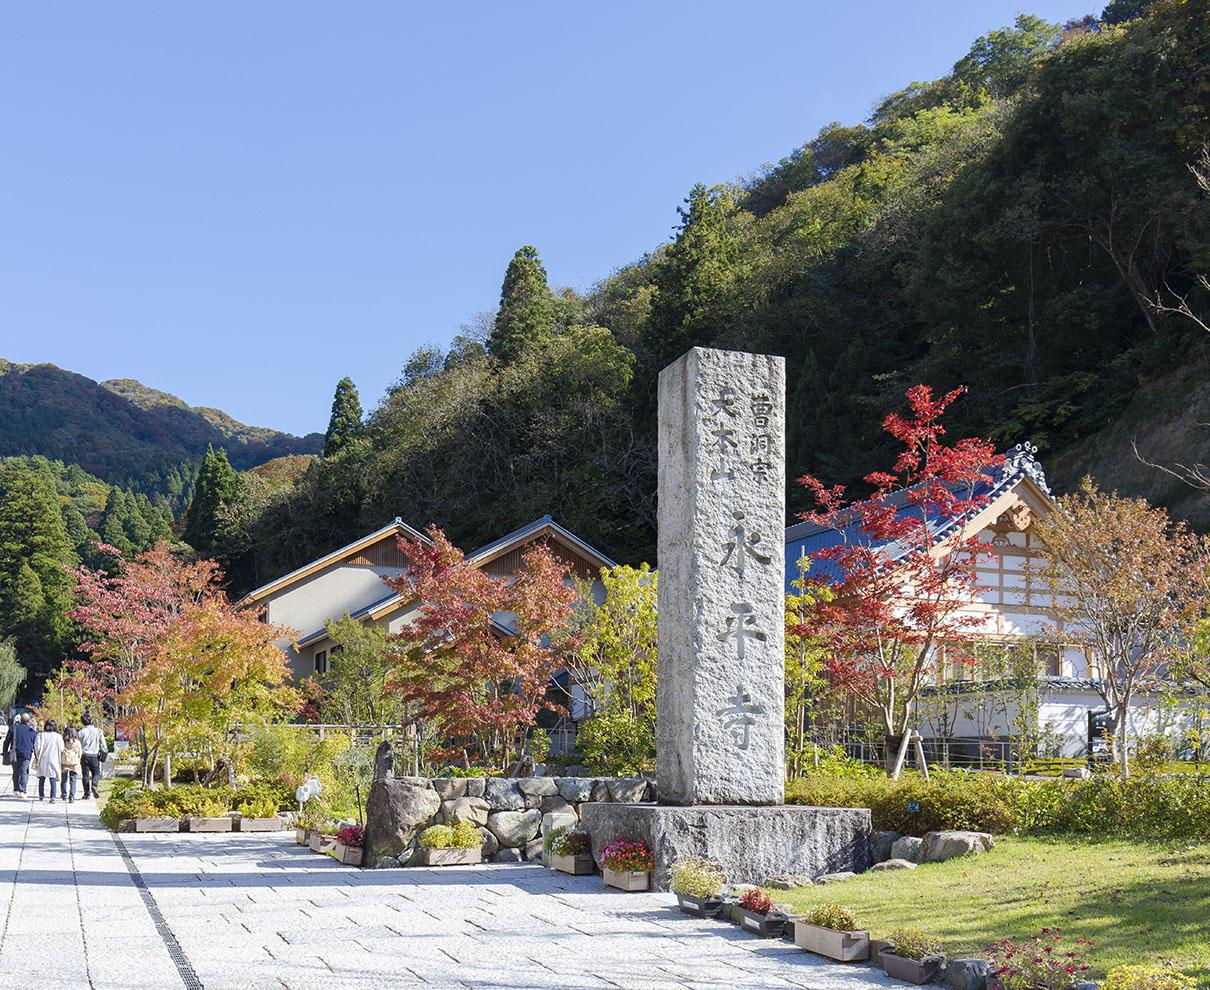 【9/18】はじめての永平寺町 ~禅の里を巡る・ZENTABIへ~ 参加無料のオンラインツアー開催!